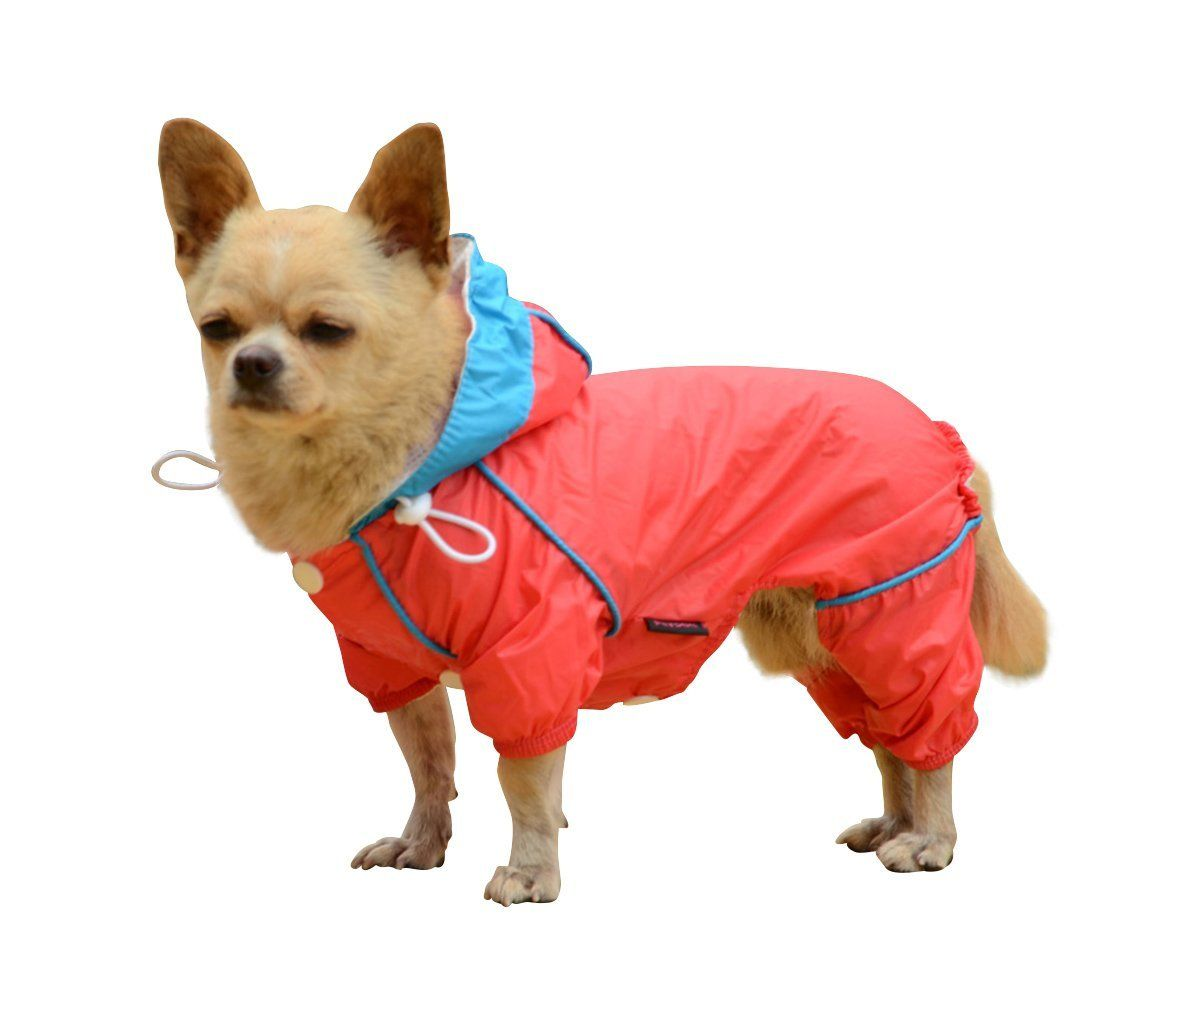 Kleiner Hund Kleidung, Pet Mode, Hundedecken, Kleine Hunde, Regen Jacken,  Puppys, Mesh Fabric, Dog Raincoat, Image Dog